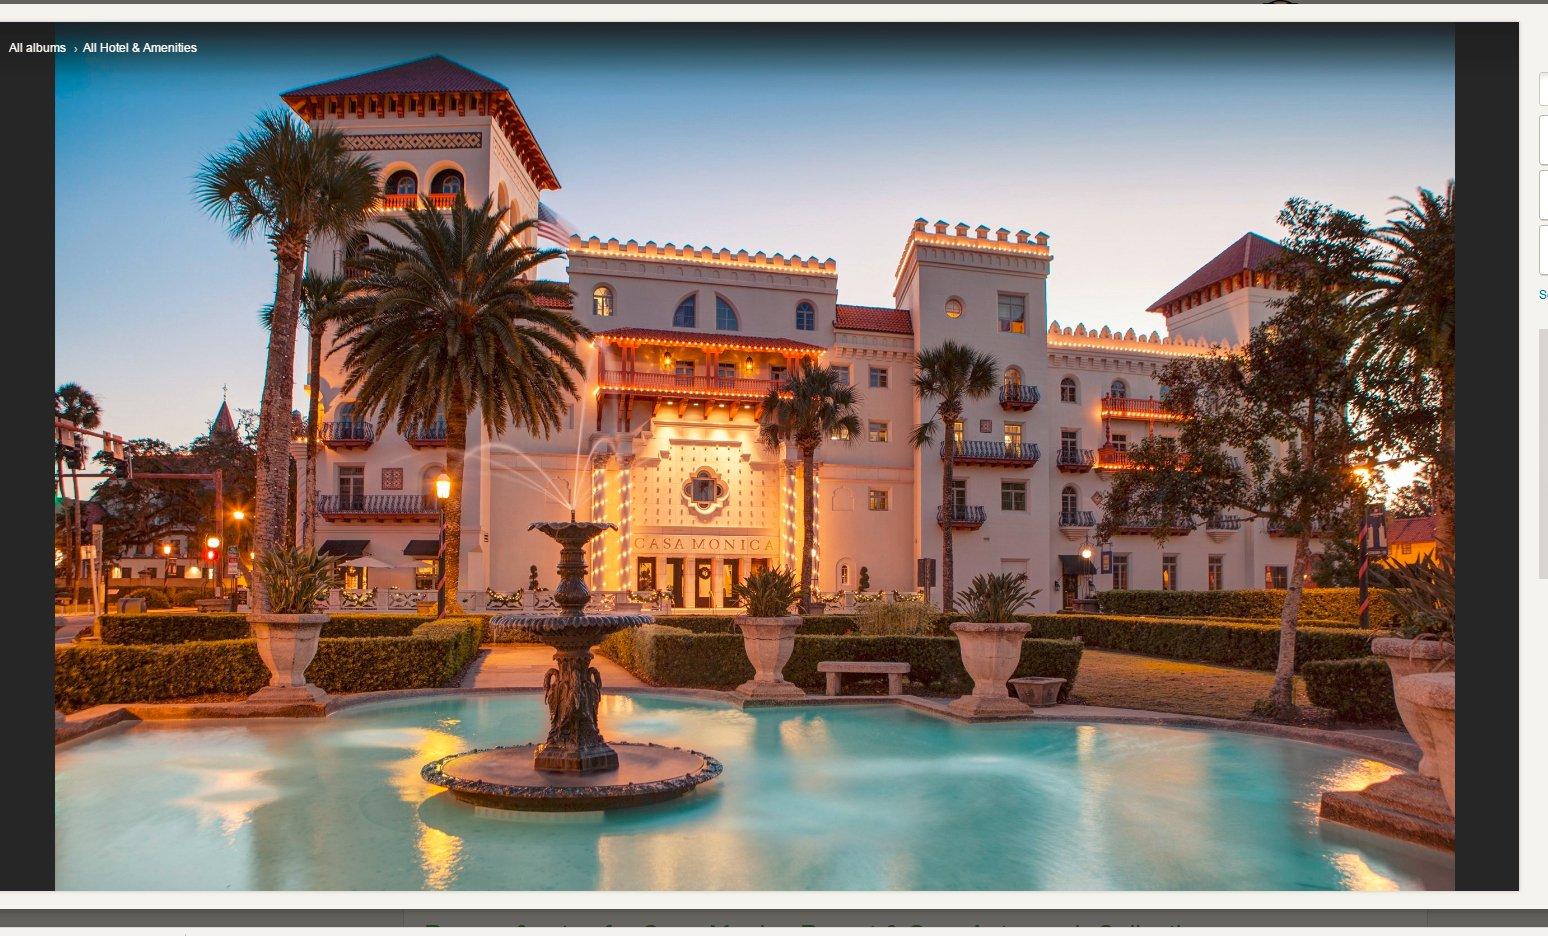 卡薩莫妮卡簽名收藏飯店